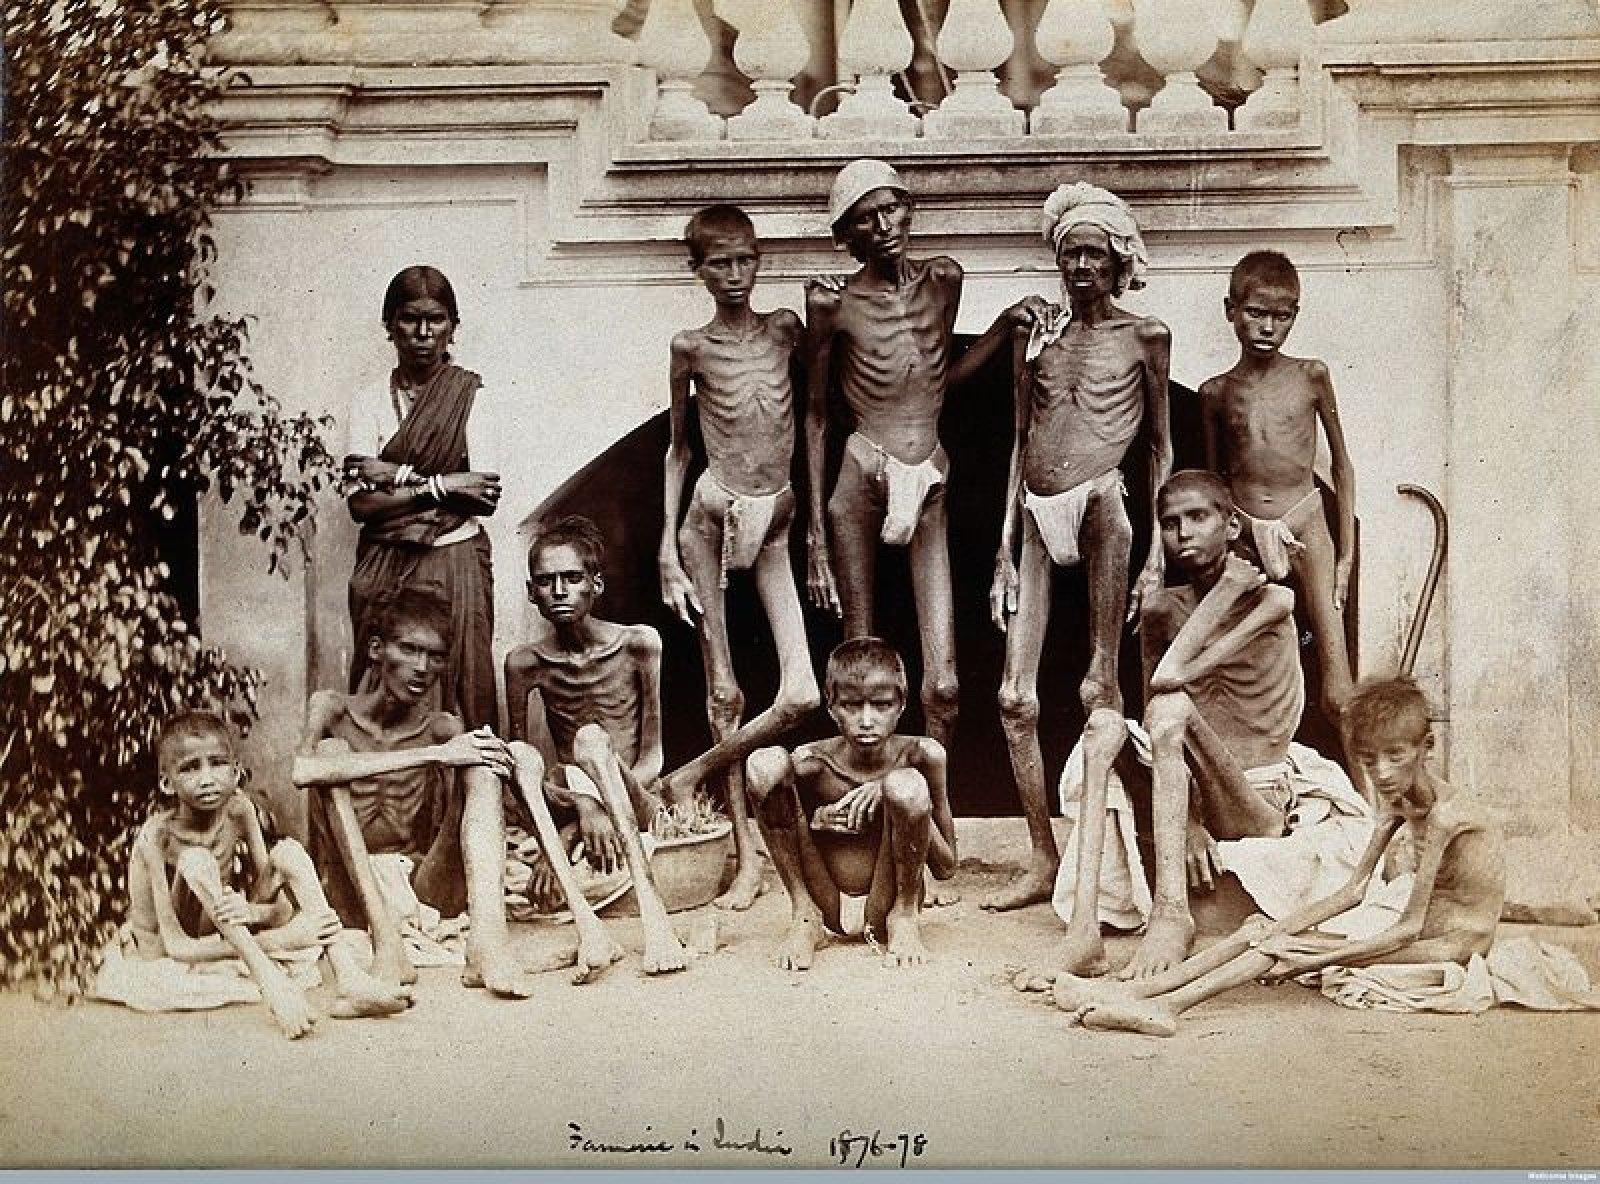 Un grup de joves indis el 1877, durant la Gran Fam